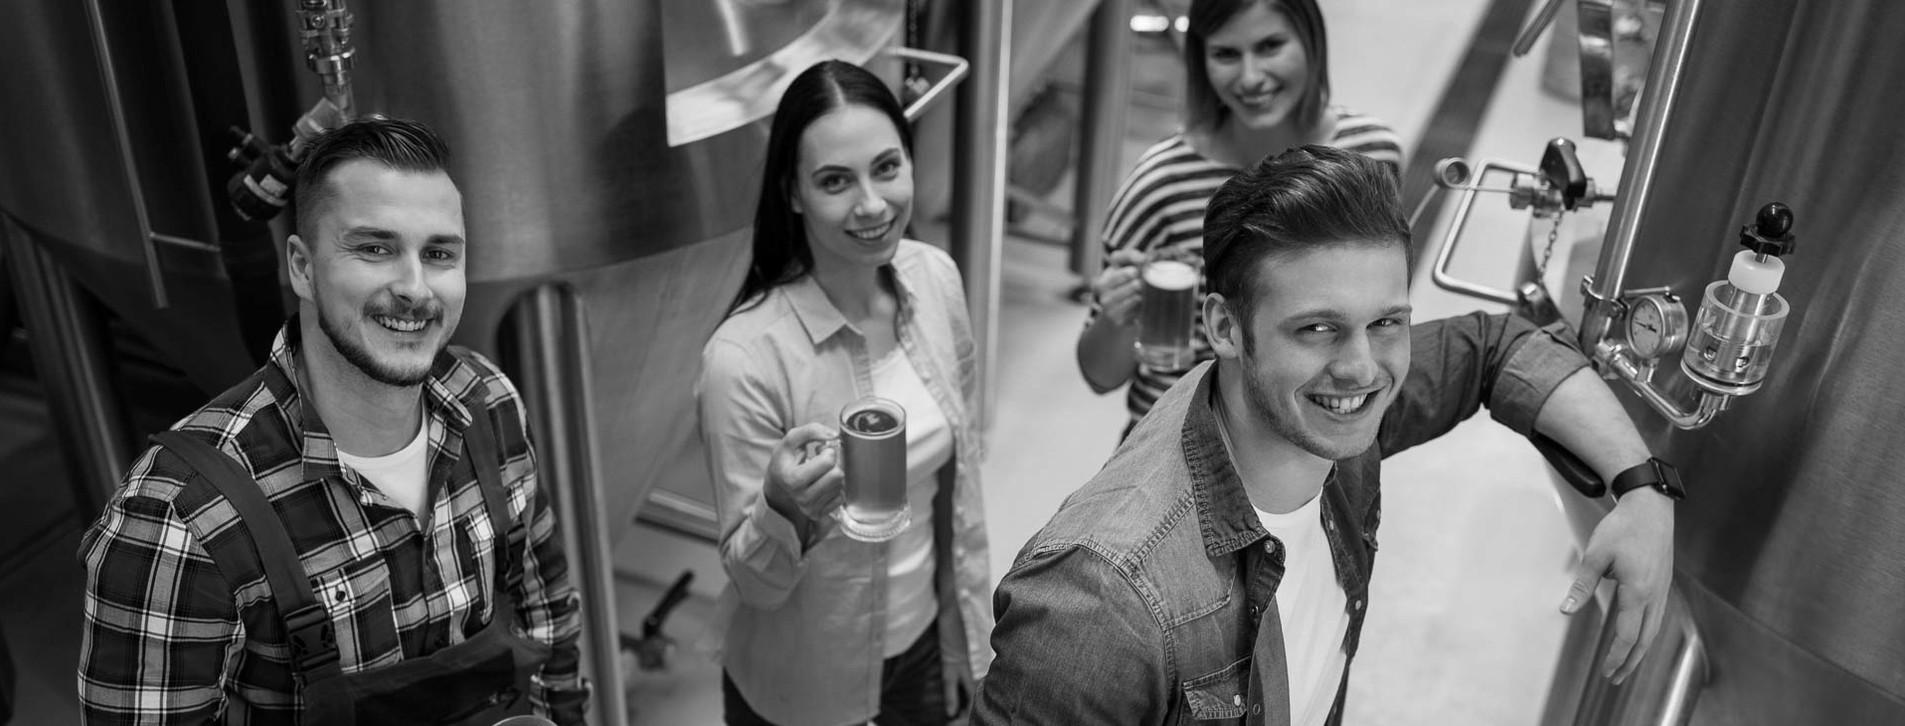 Фото - Экскурсия на пивоварню для компании